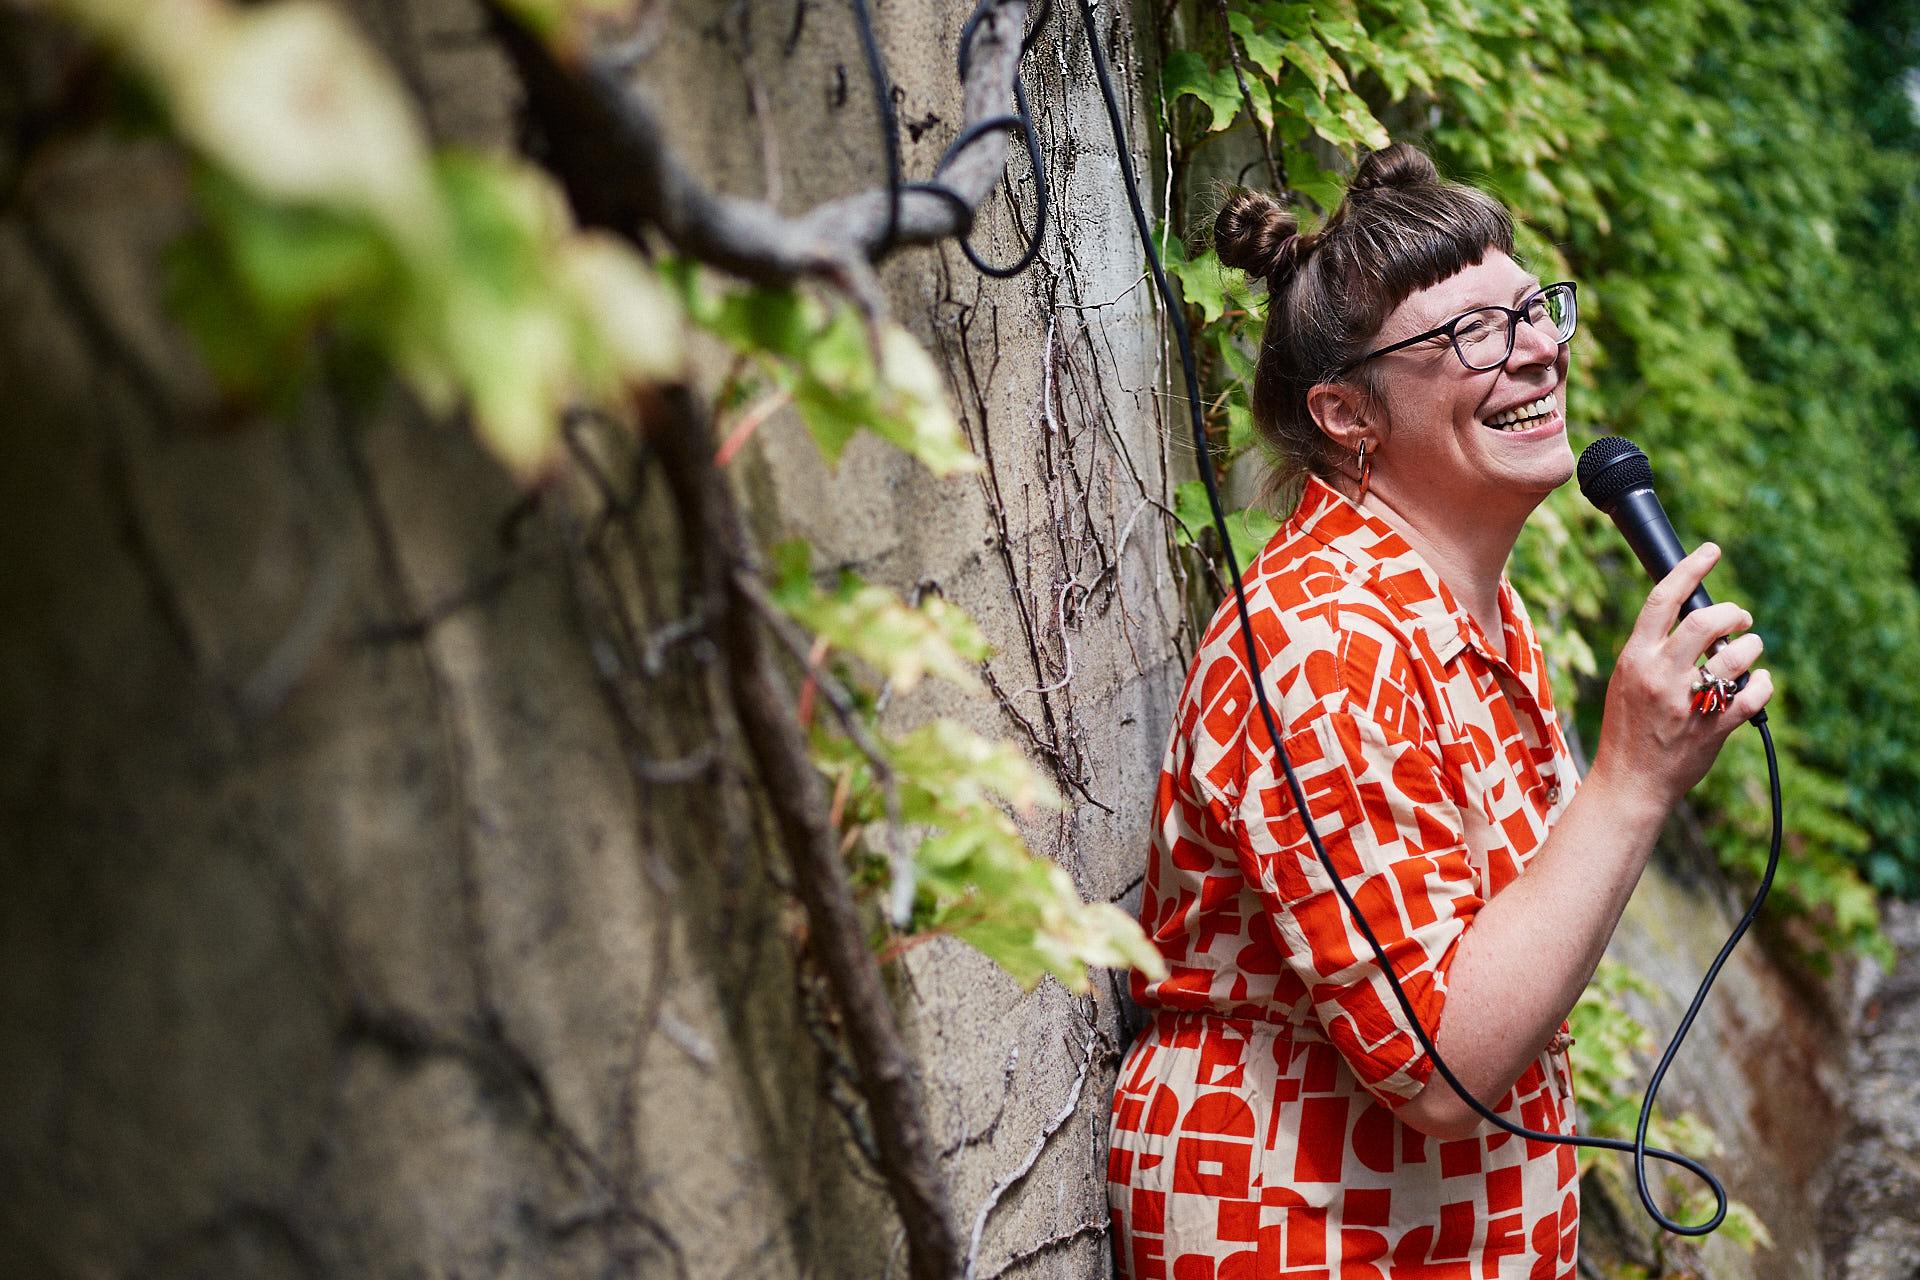 Sängerin Gitte Wolffson lehnt gegen eine Efeu bewachsene Wand und hält ein Mikrofon